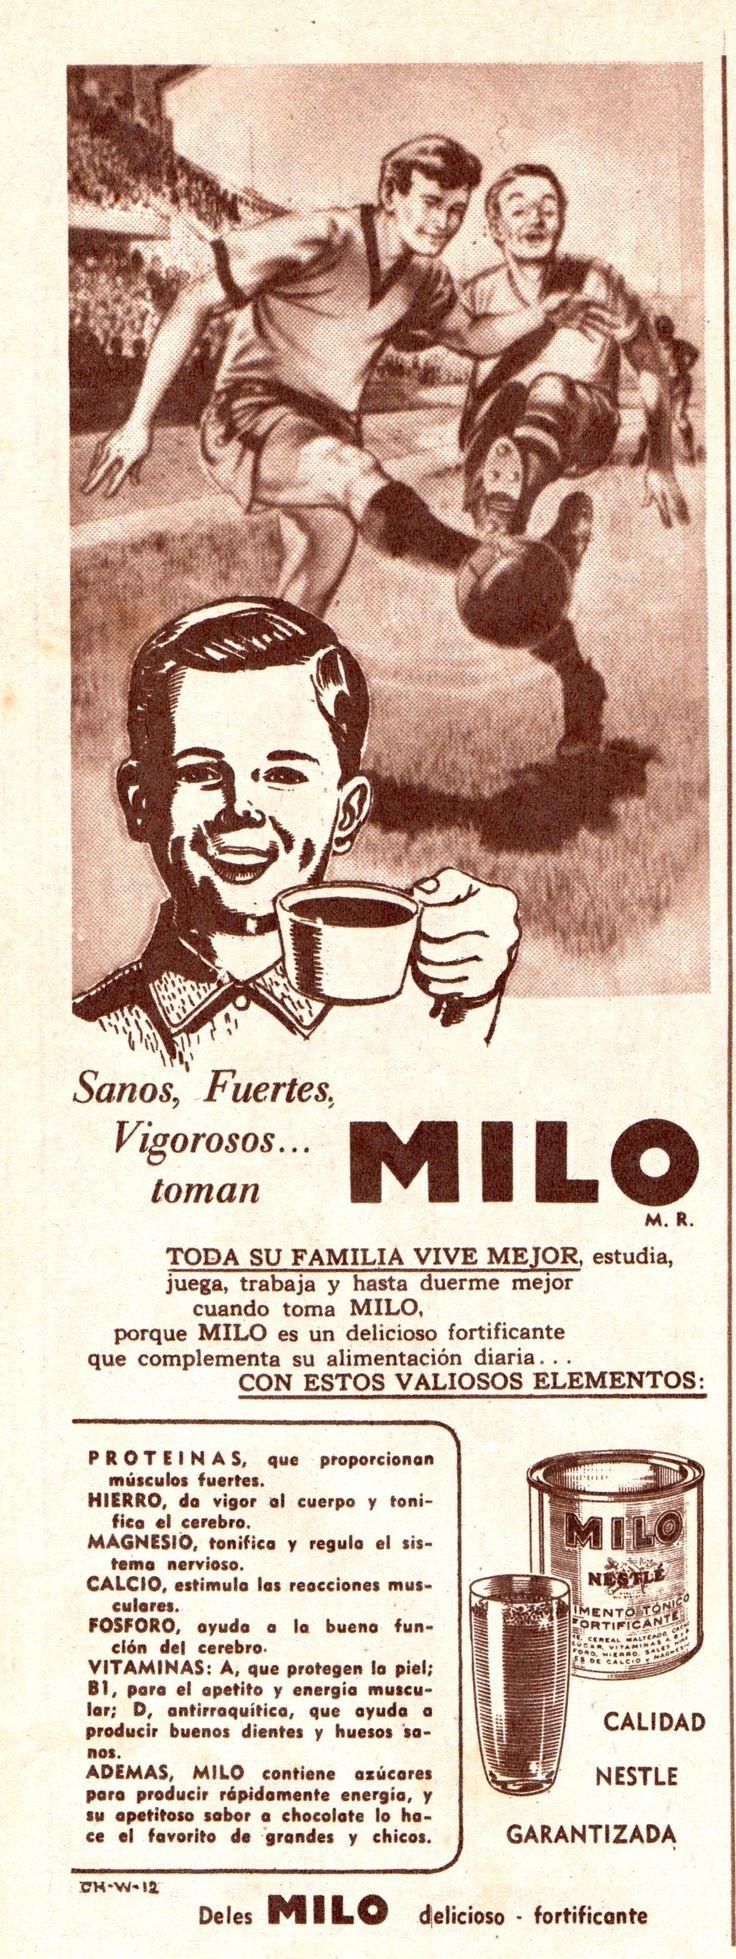 Sanos, Fuertes, Vigorosos... toman Milo. Calidad Nestle garantizada. Publicado en Revista Estadio N°785 de 13/06/1958.